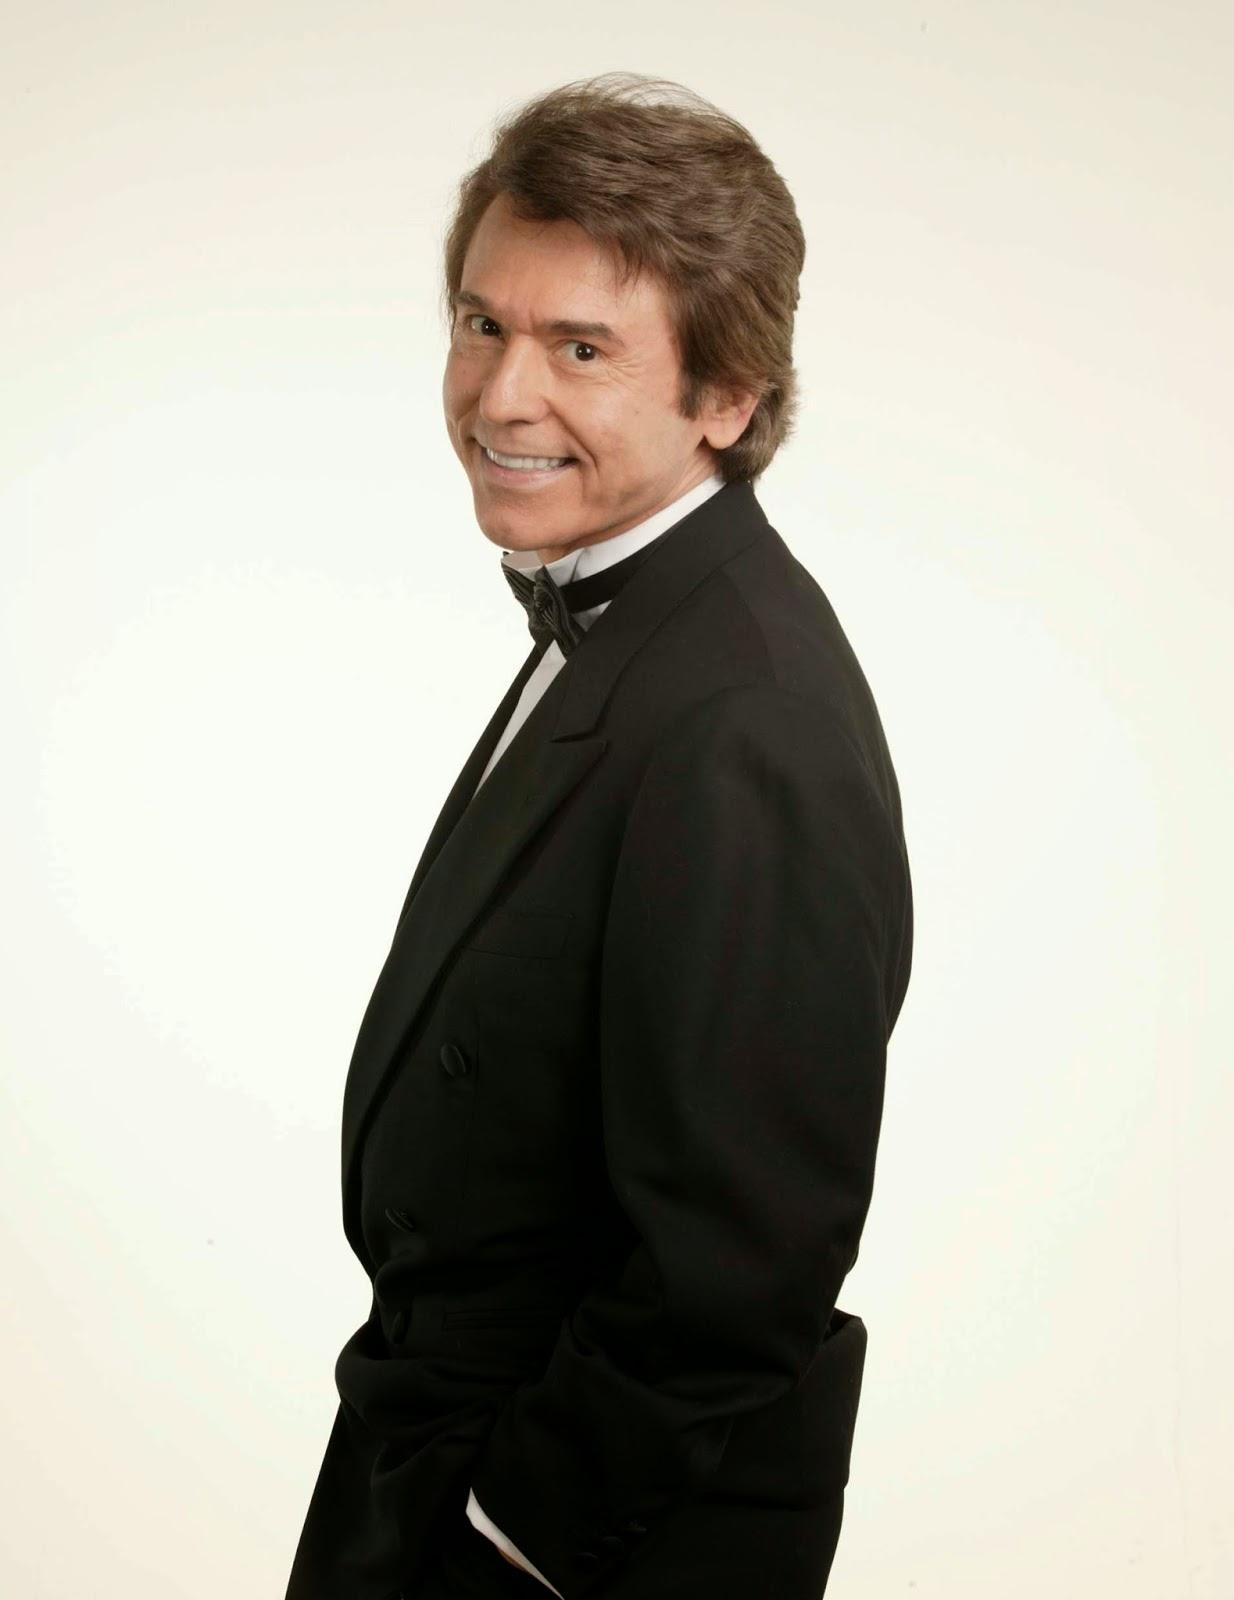 Raphael en concierto en Murcia el 22 de Noviembre